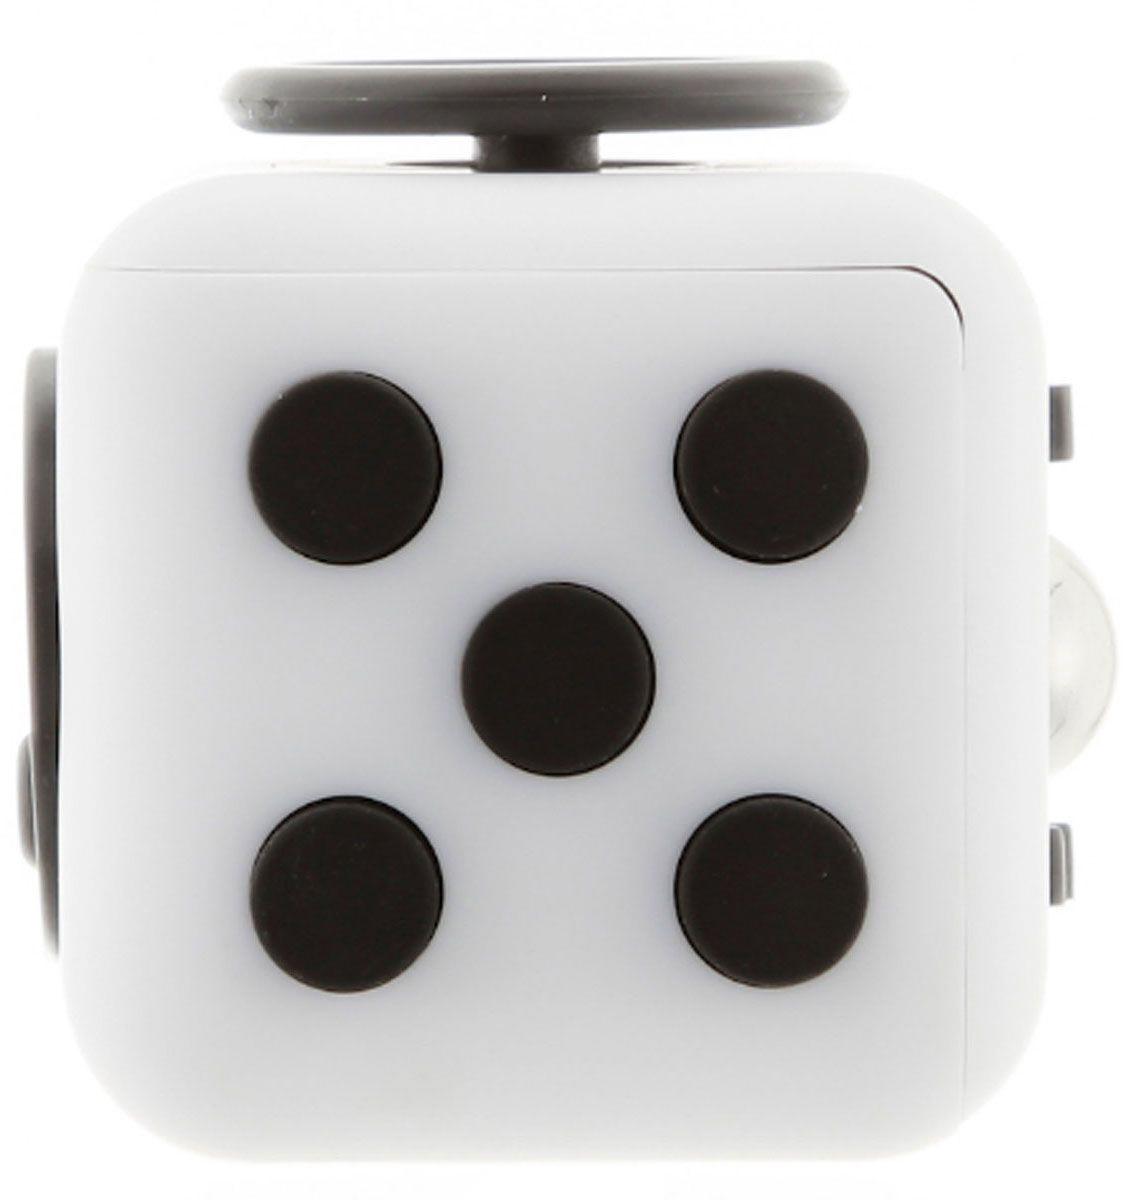 Игрушка антистресс Fidget Cube, белыйАнтистресс кубики Fidget Cube<br>Игрушка антистресс Fidget Cube, белый<br>